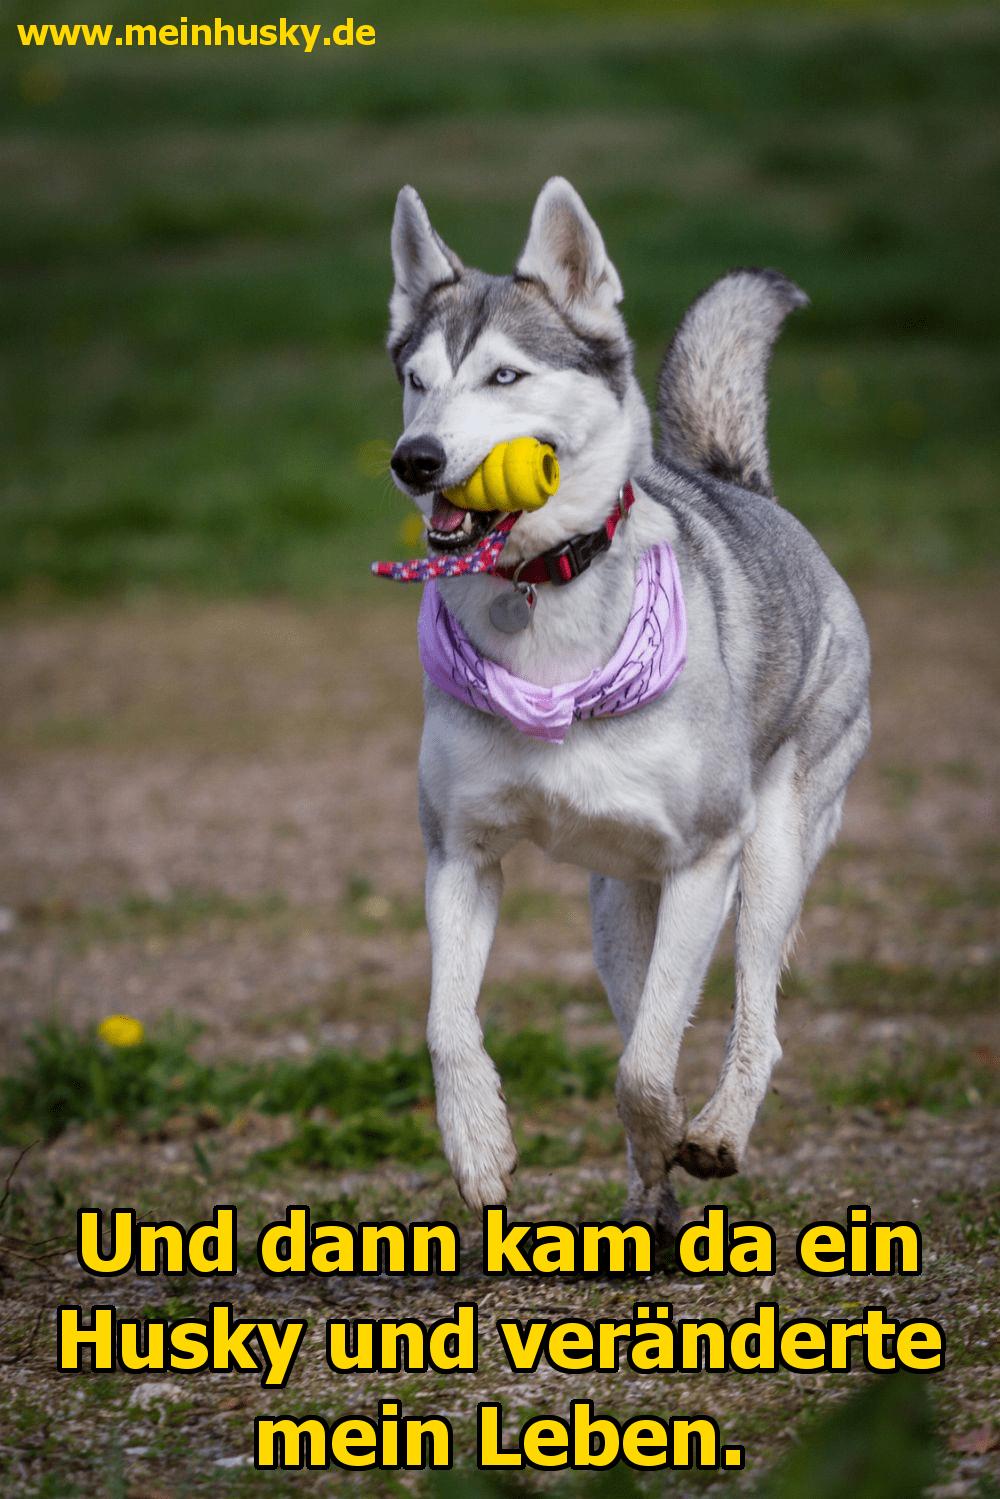 Ein Husky spielt auf dem Rasen mit seinem Spielzeug